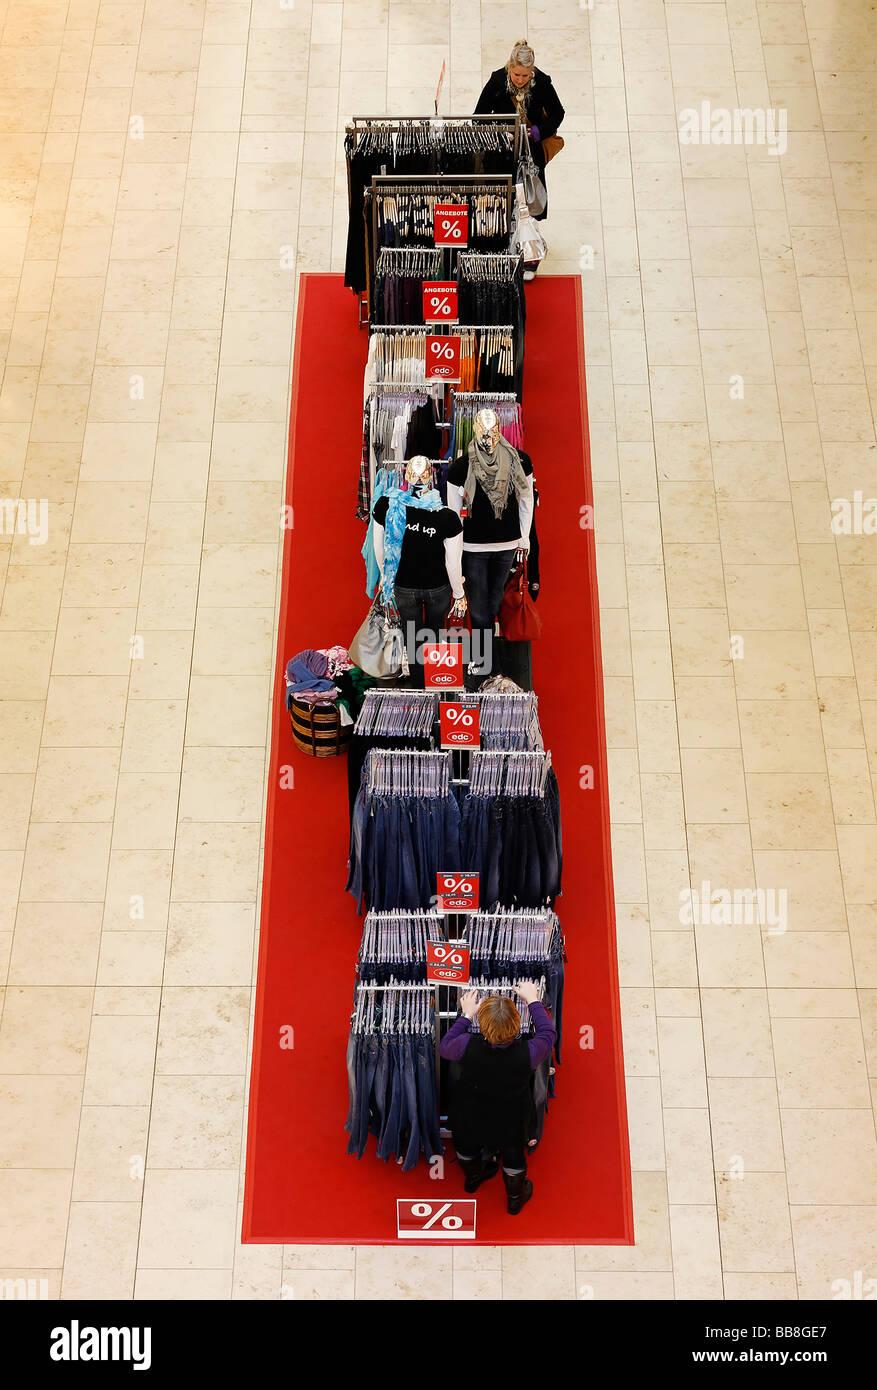 Ropa para la venta, la percha sobre una alfombra roja, boutique de moda, vista desde arriba, Alemania, Europa Foto de stock